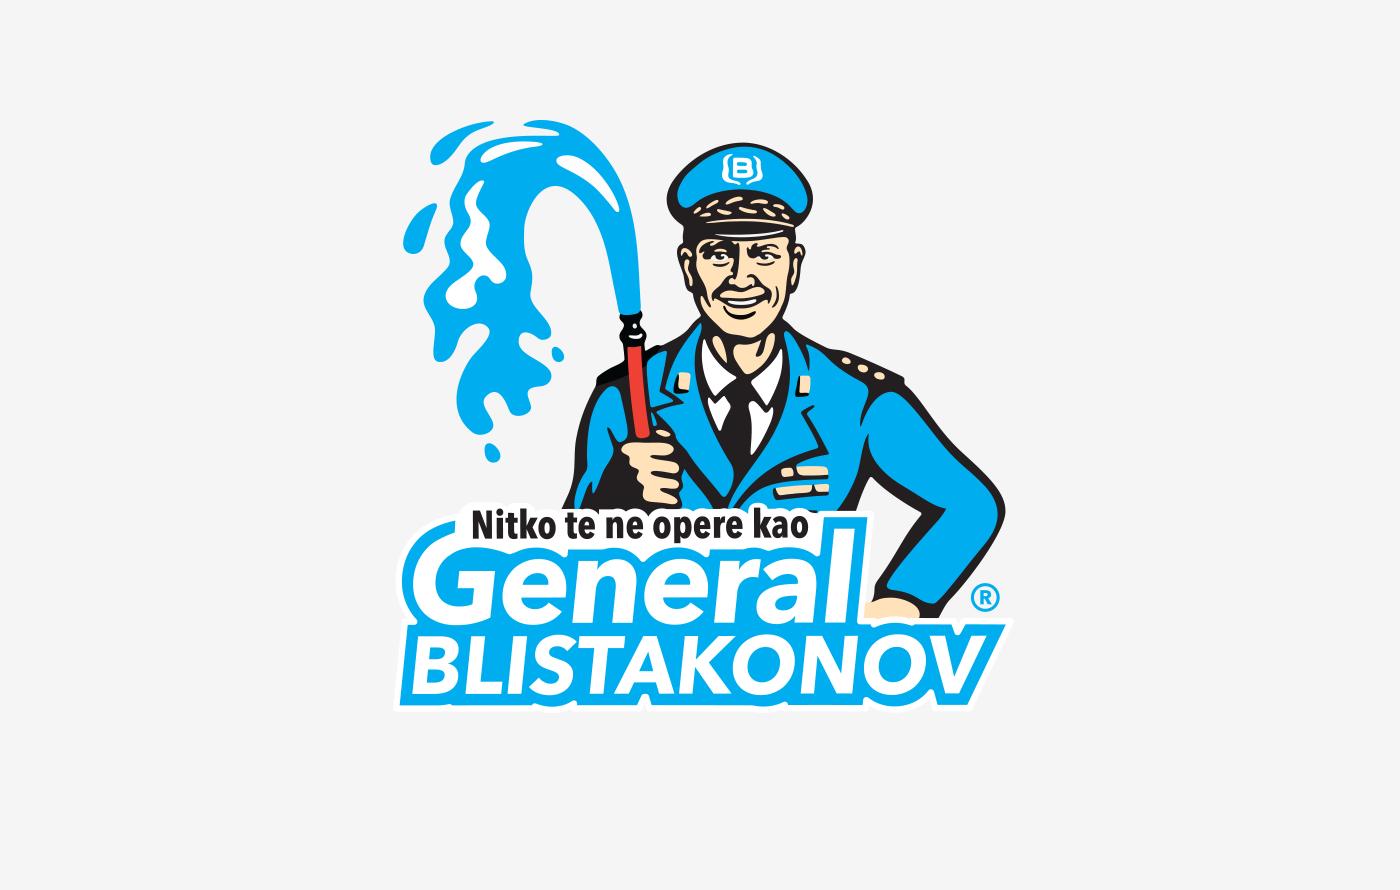 General Blistakonov Car Wash